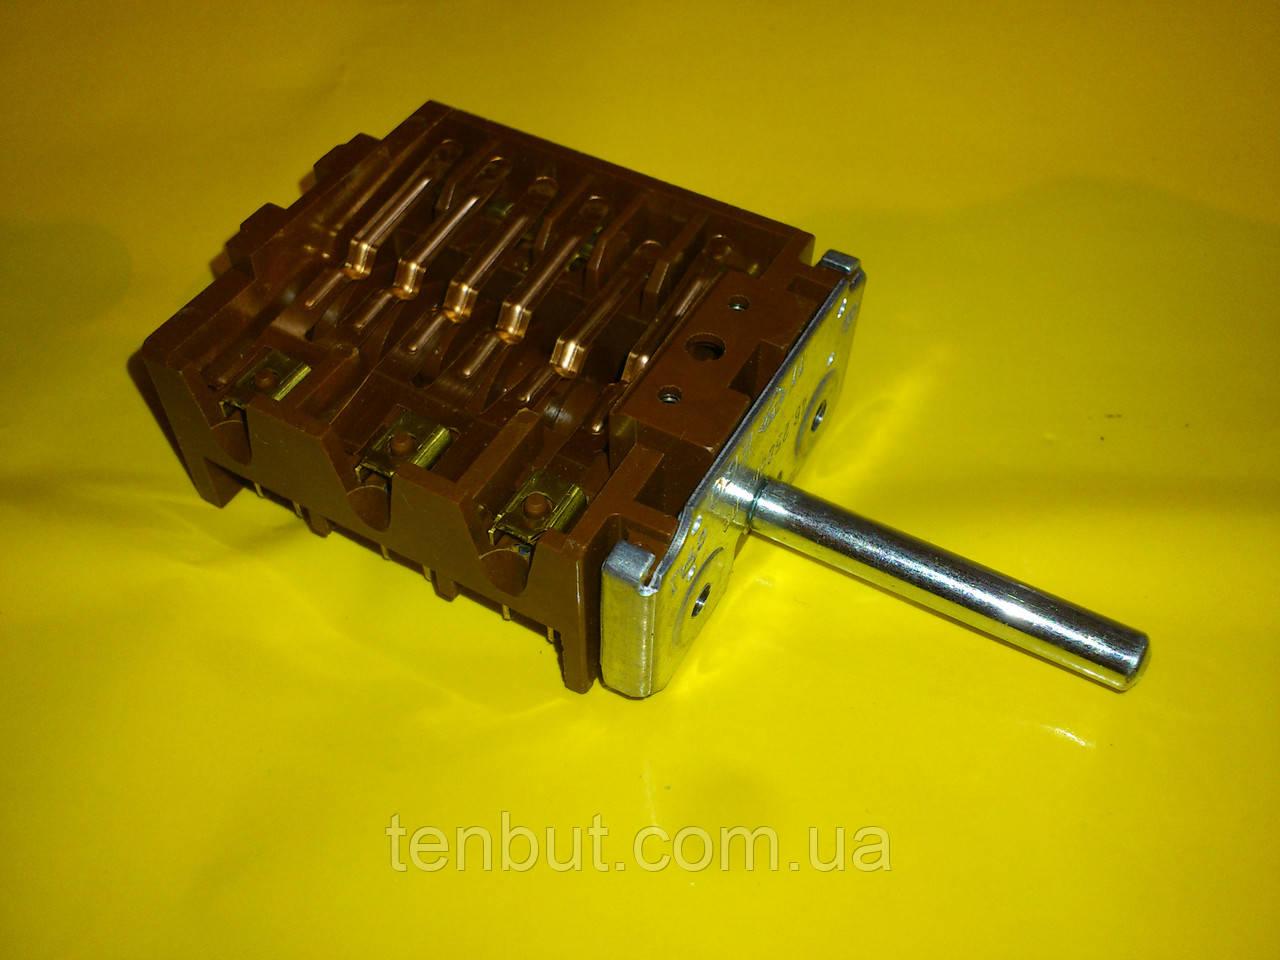 Переключатель ПМ-46.25866.509 EGO / 5-ти позиционный на электроплиты производство Германия